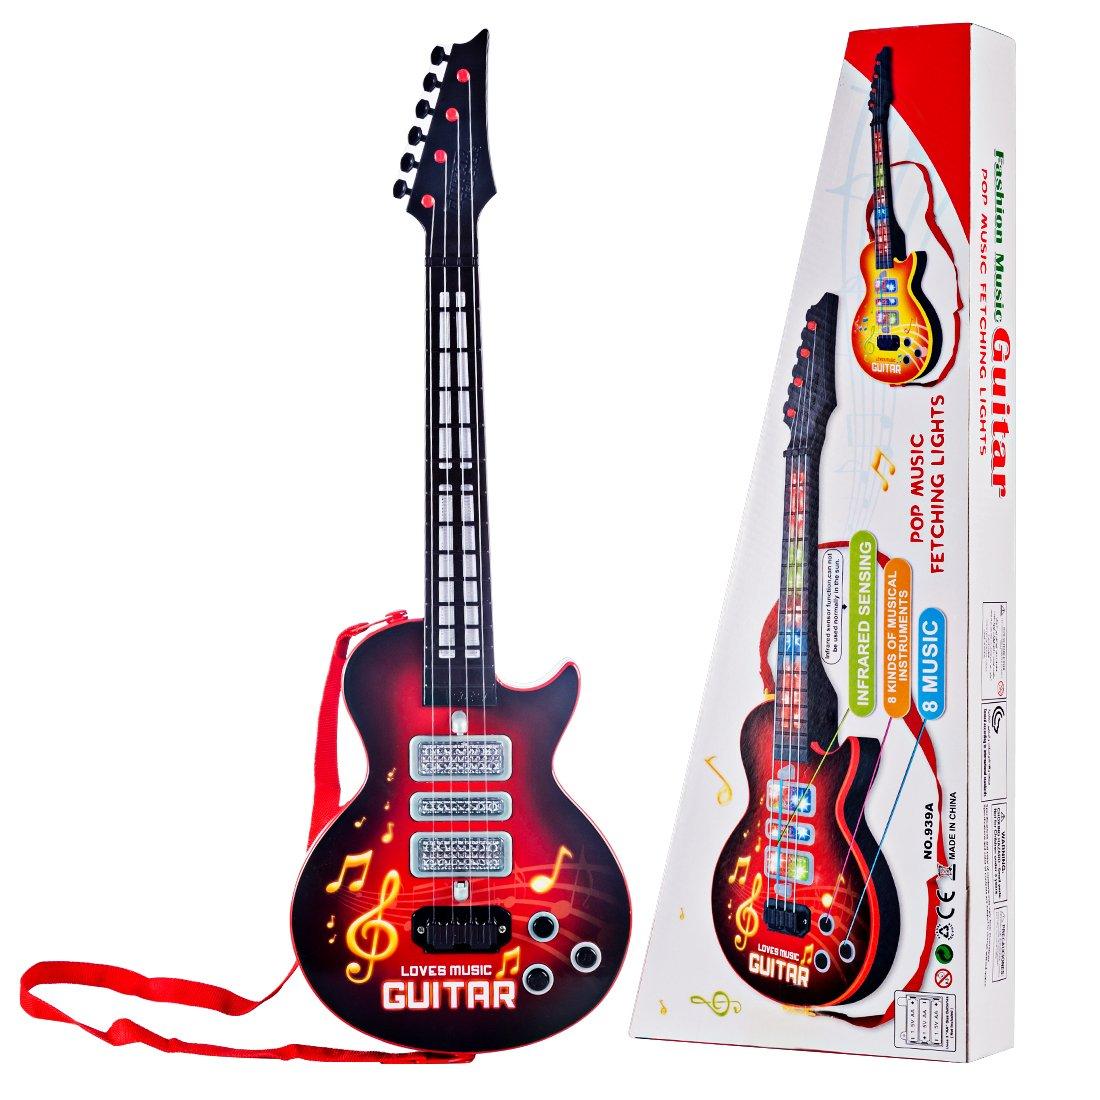 YVSoo Guitarra eléctrica para Niños, 4 Cuerdas Guitarra clásica Instrumentos Musicales Educativos Simulación Juguete Regalo (Rojo 1)